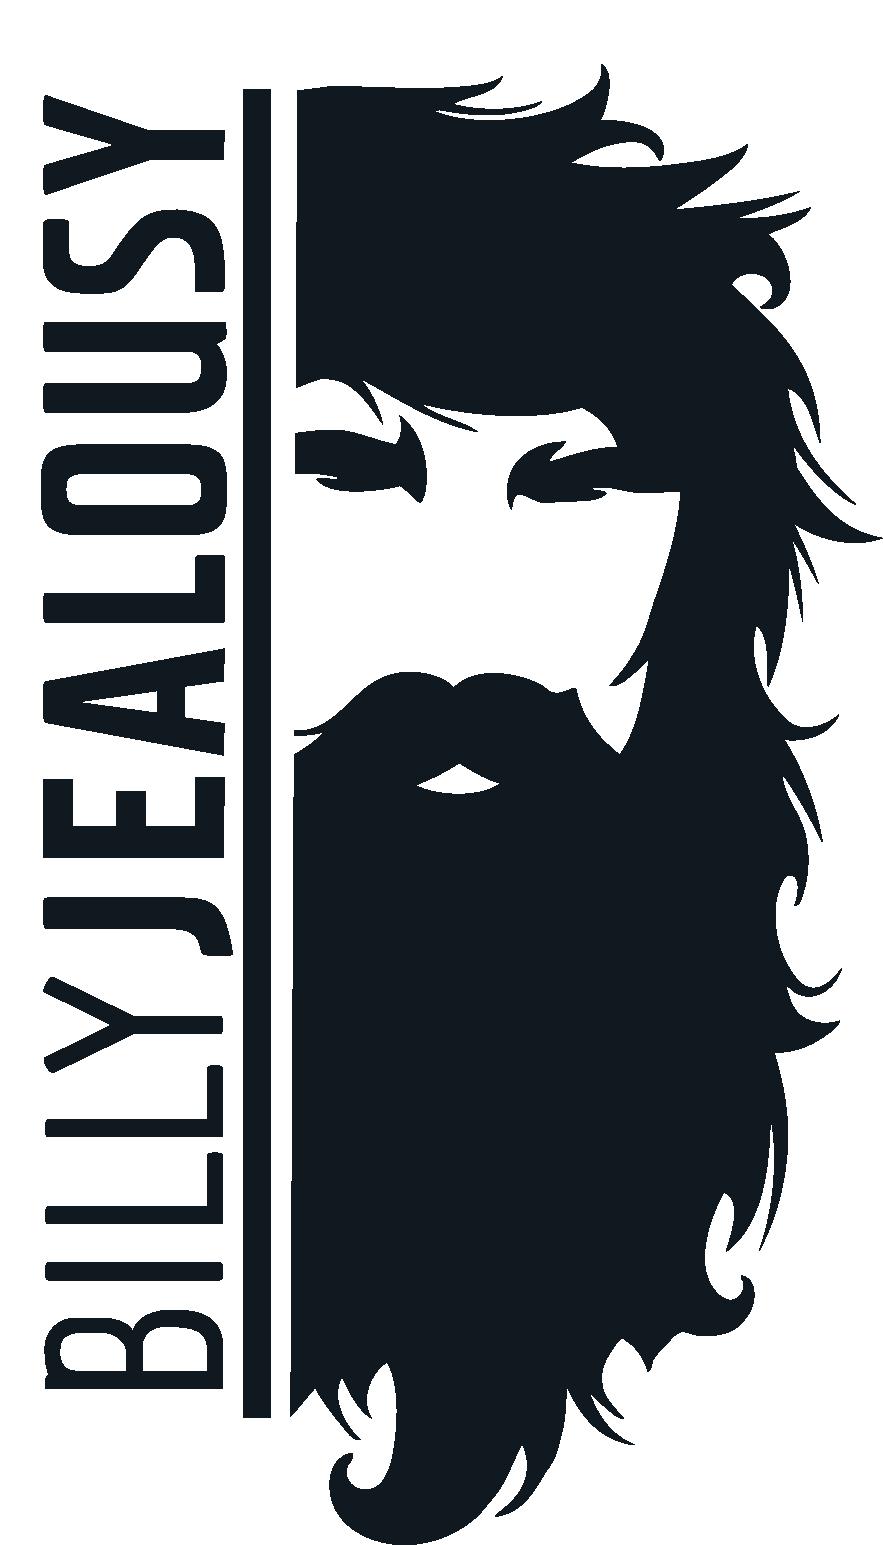 Clipart mustache moustache. Austin facial hair club